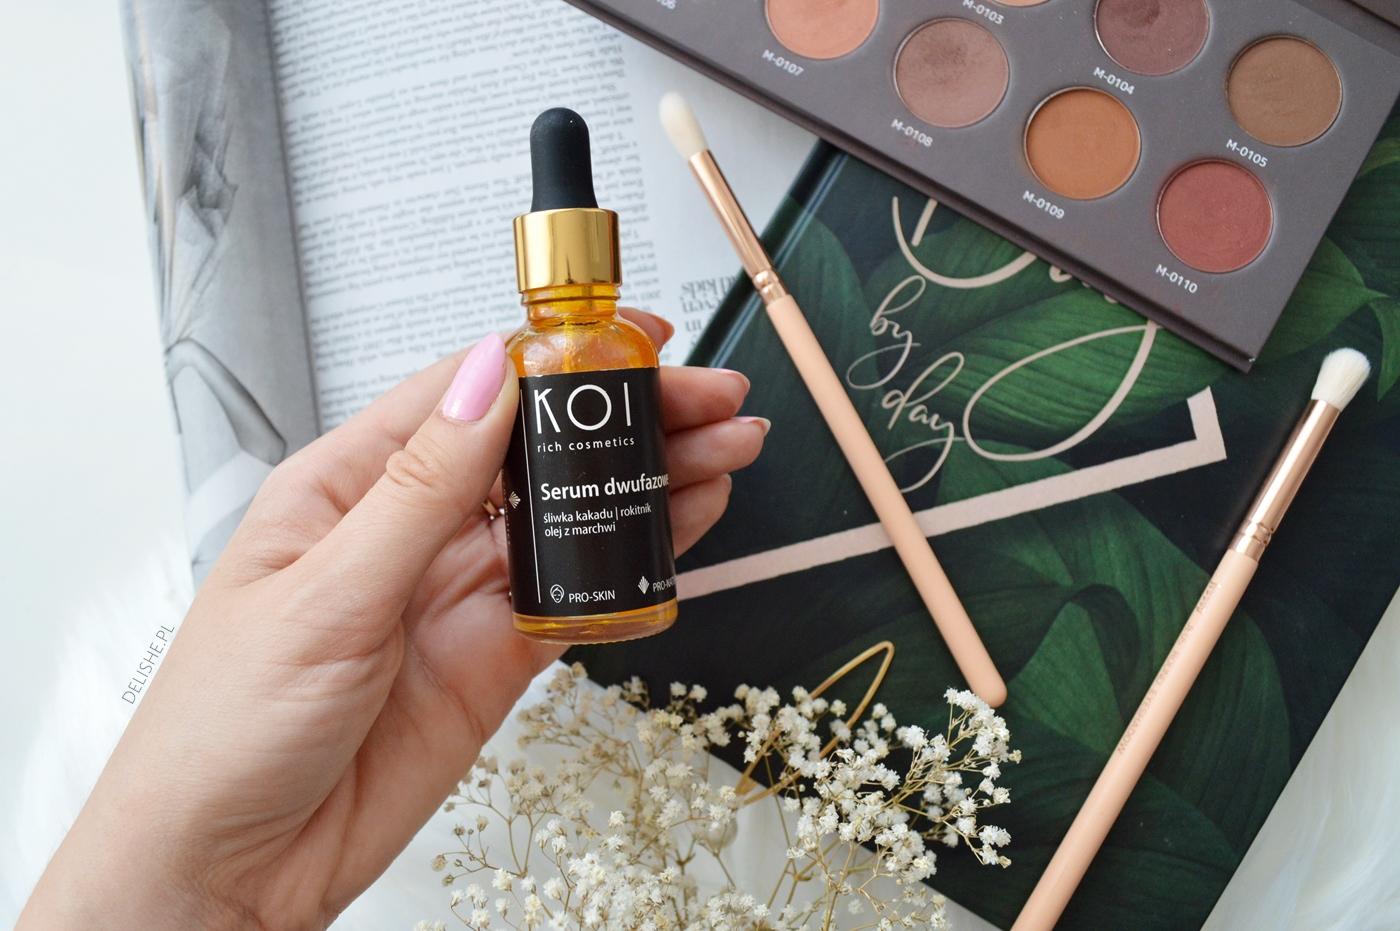 ulubieńcy kosmetyczni serum dwufazowe KOI, paleta affect